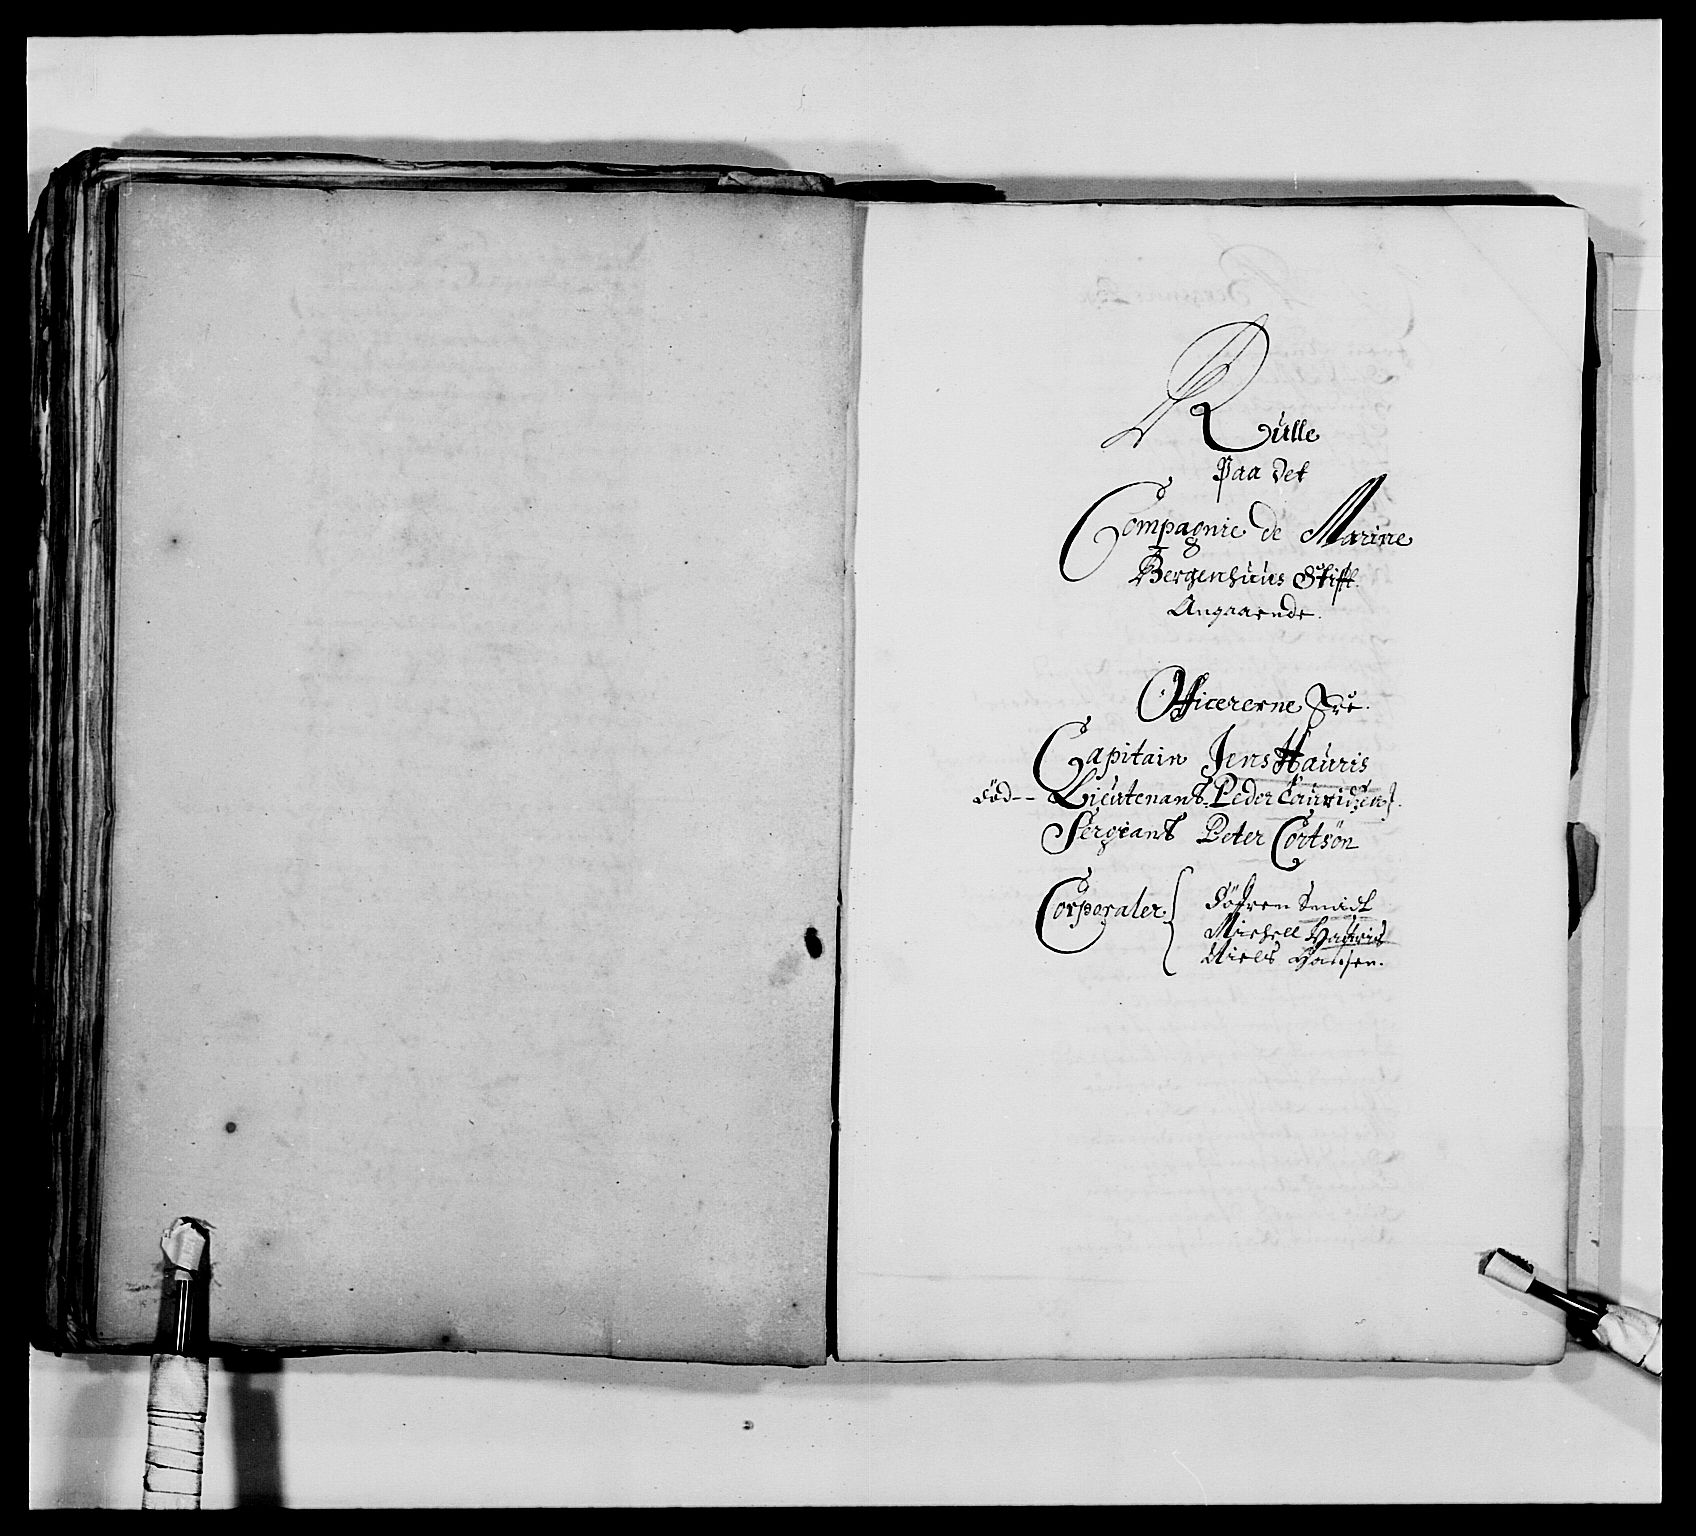 RA, Kommanderende general (KG I) med Det norske krigsdirektorium, E/Ea/L0473: Marineregimentet, 1664-1700, s. 88